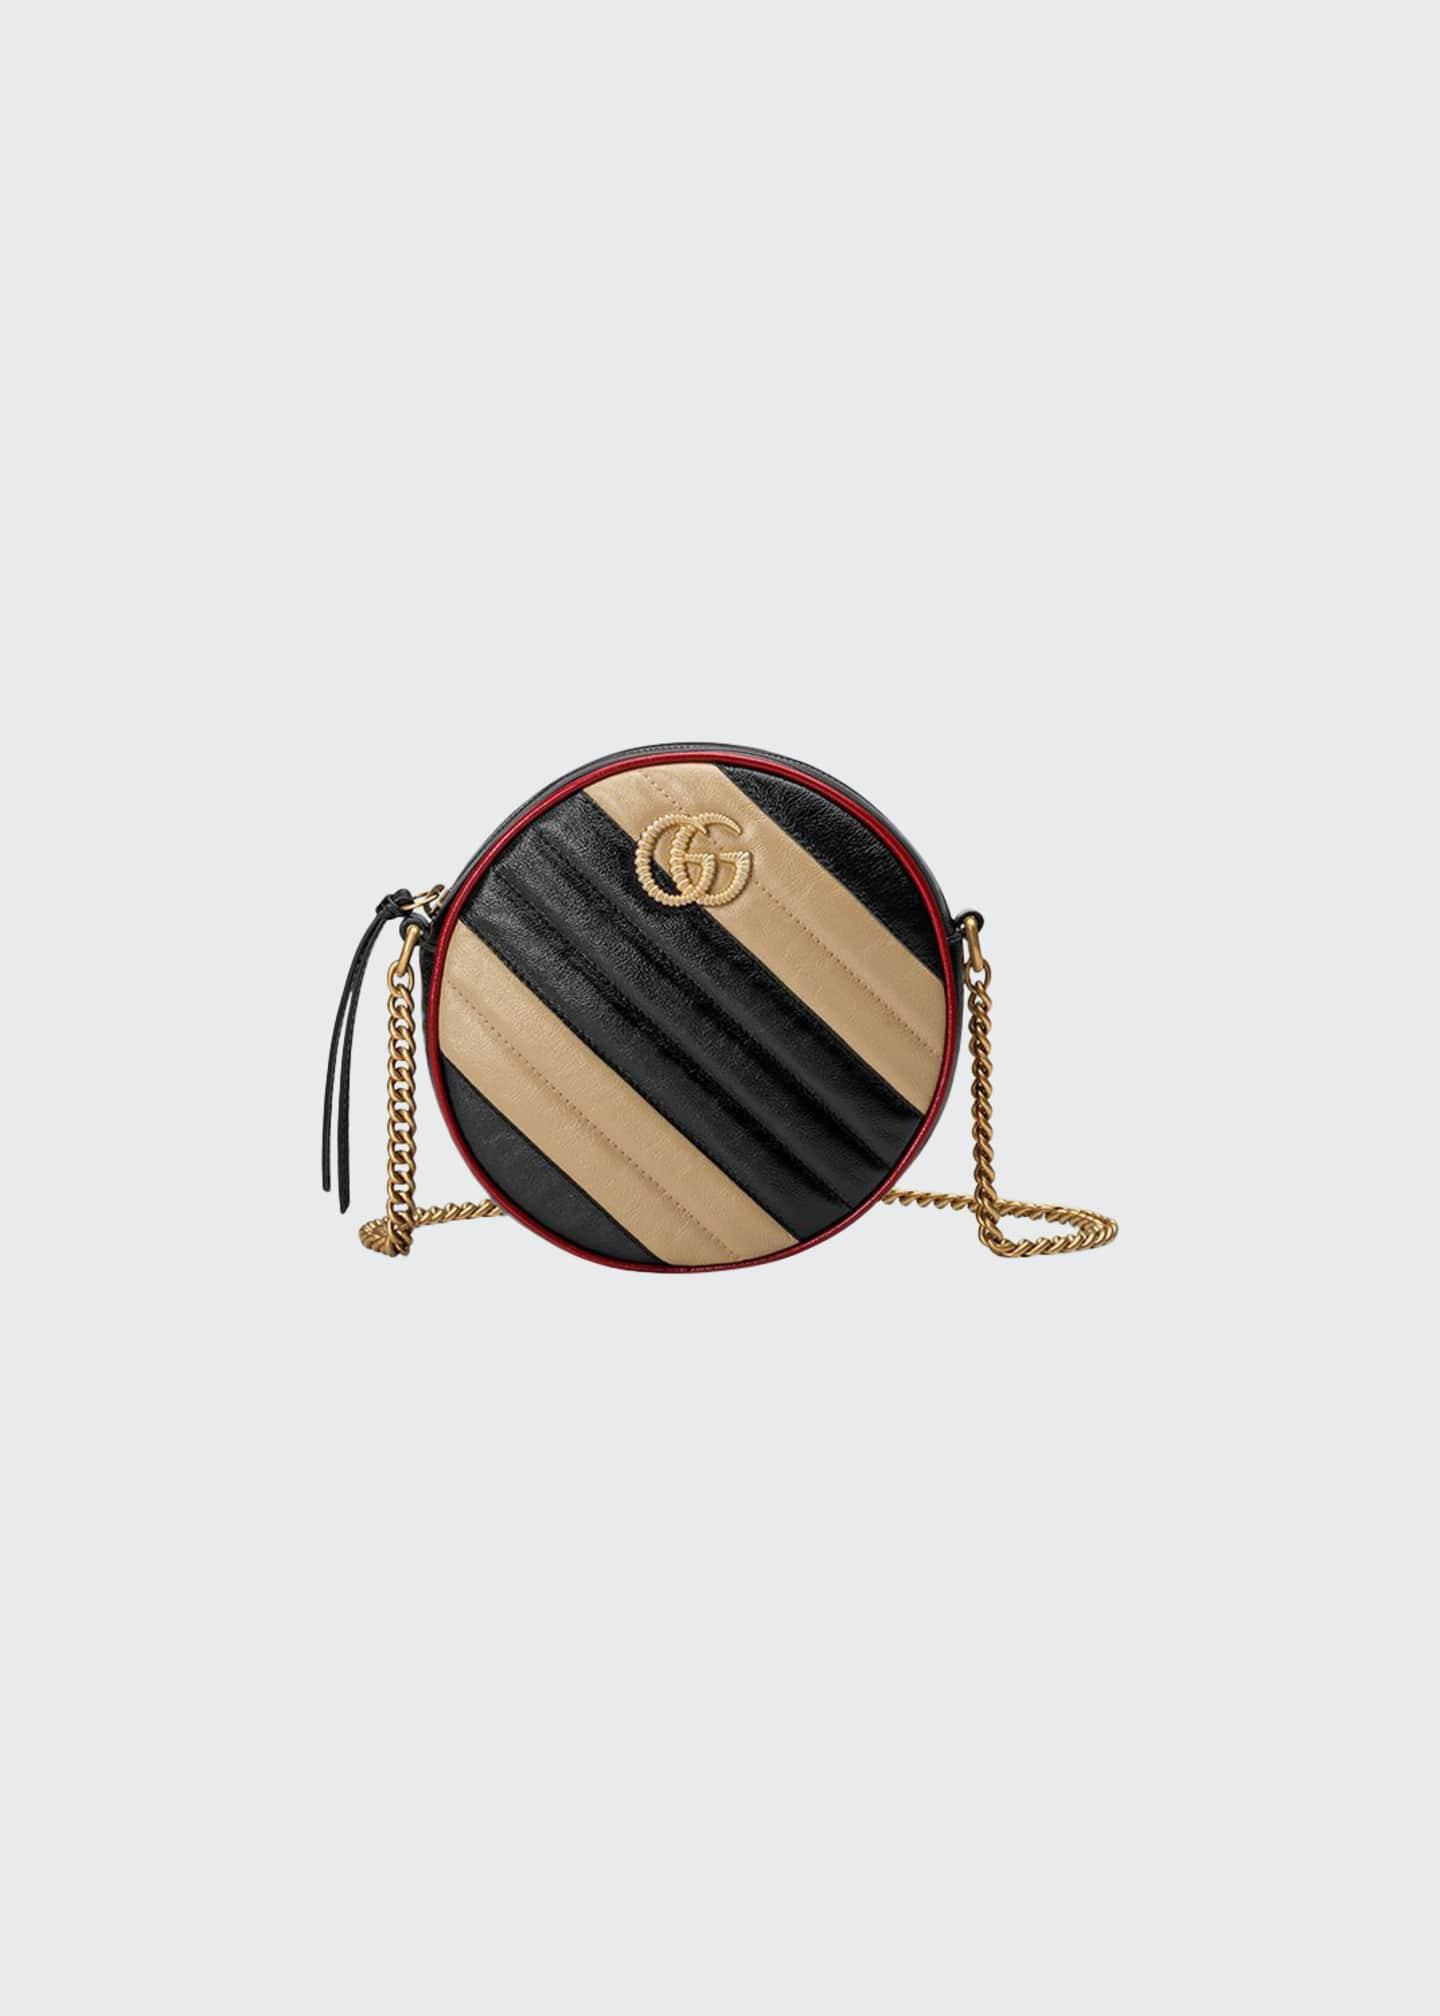 Gucci GG Marmont Mini Camera Crossbody Bag